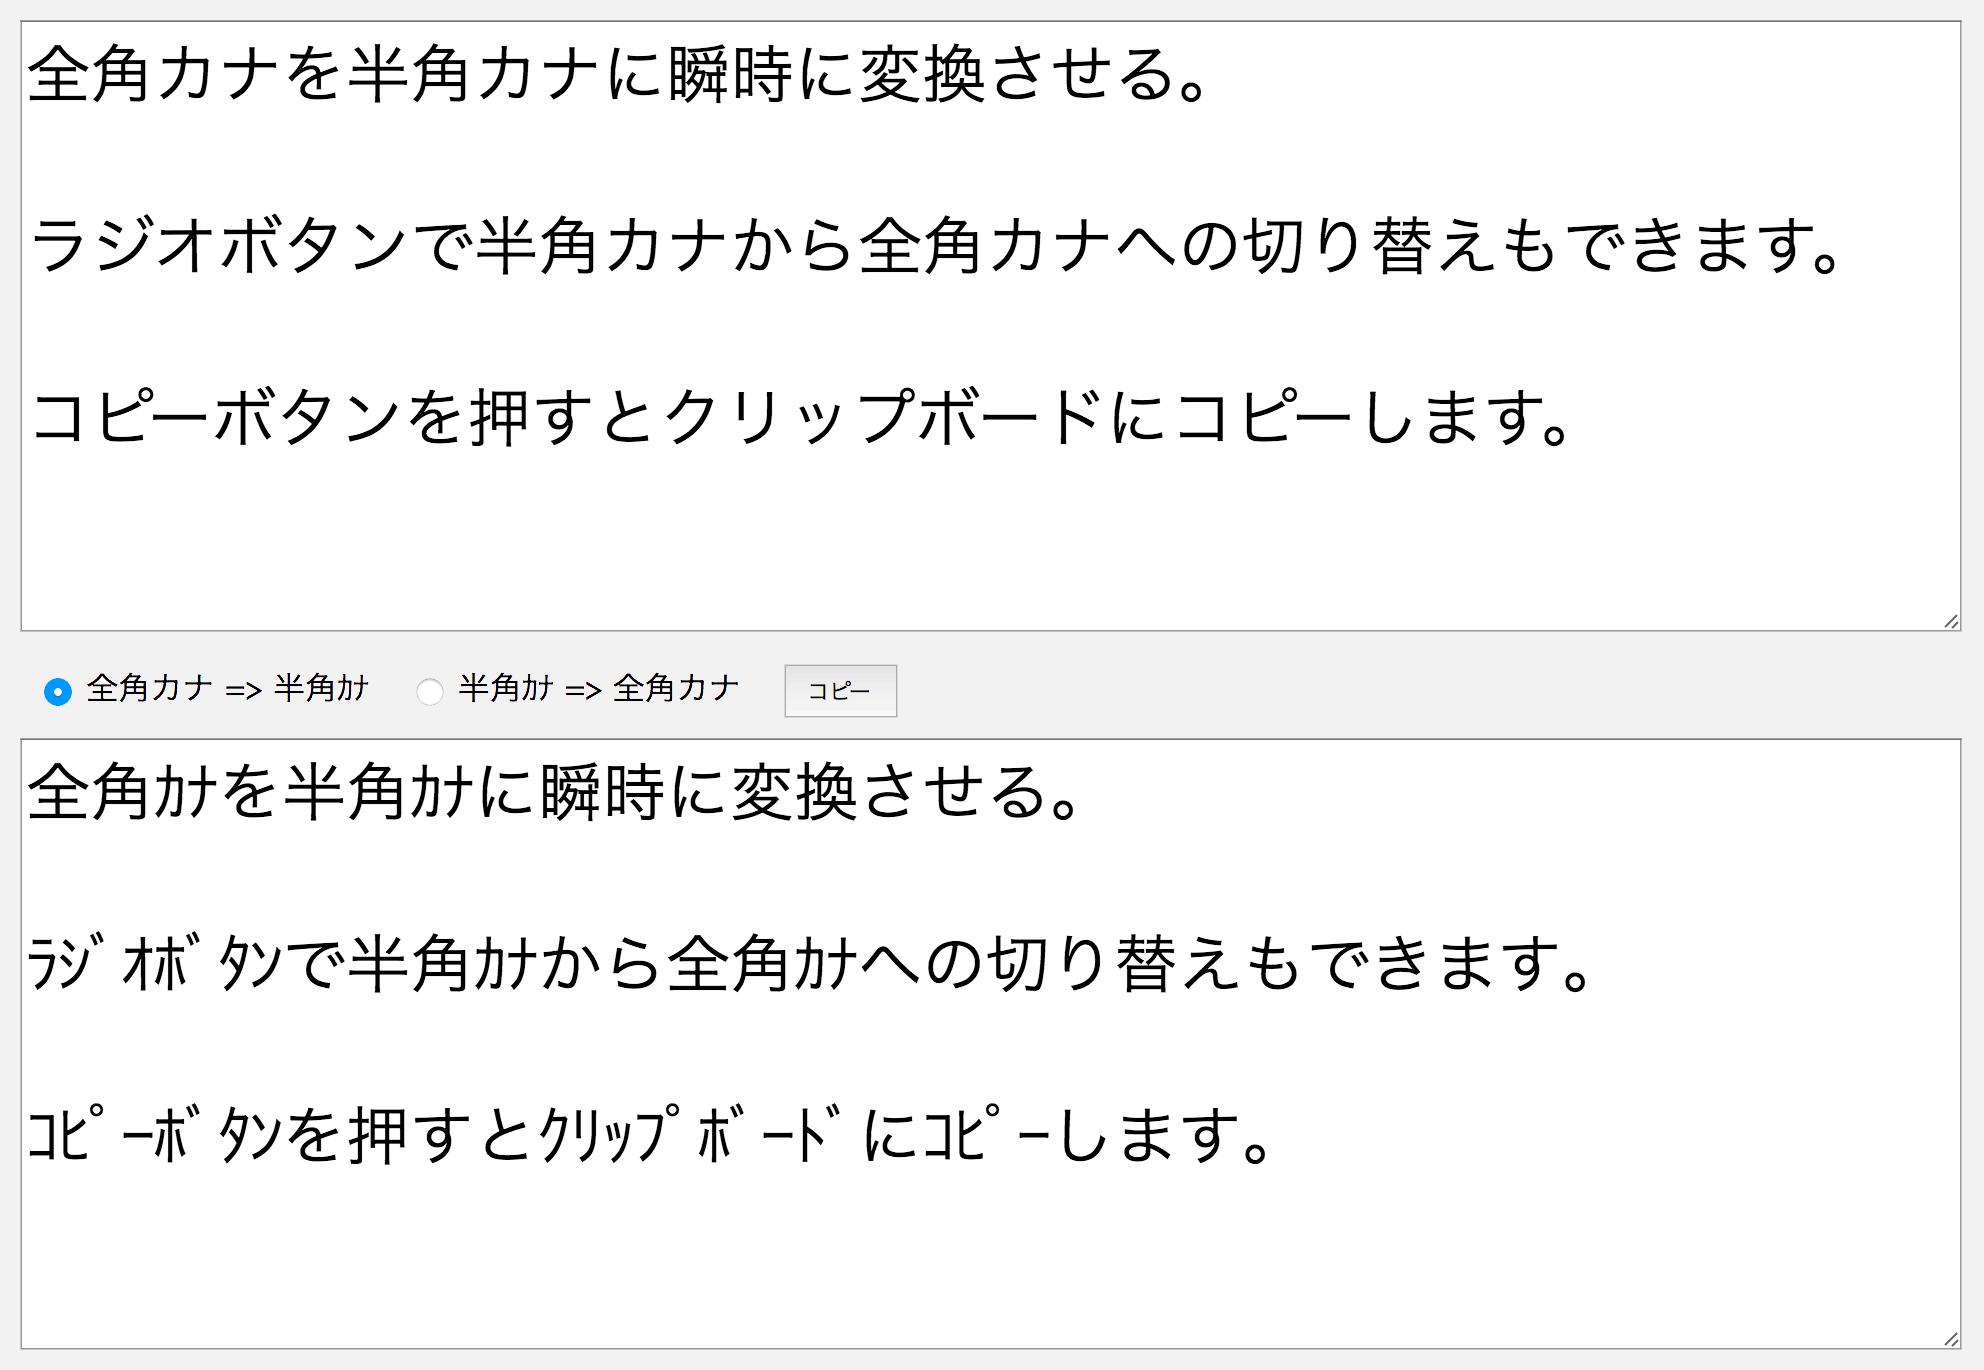 全角カナを半角カナに変換するJavaScriptツール(逆も可能)